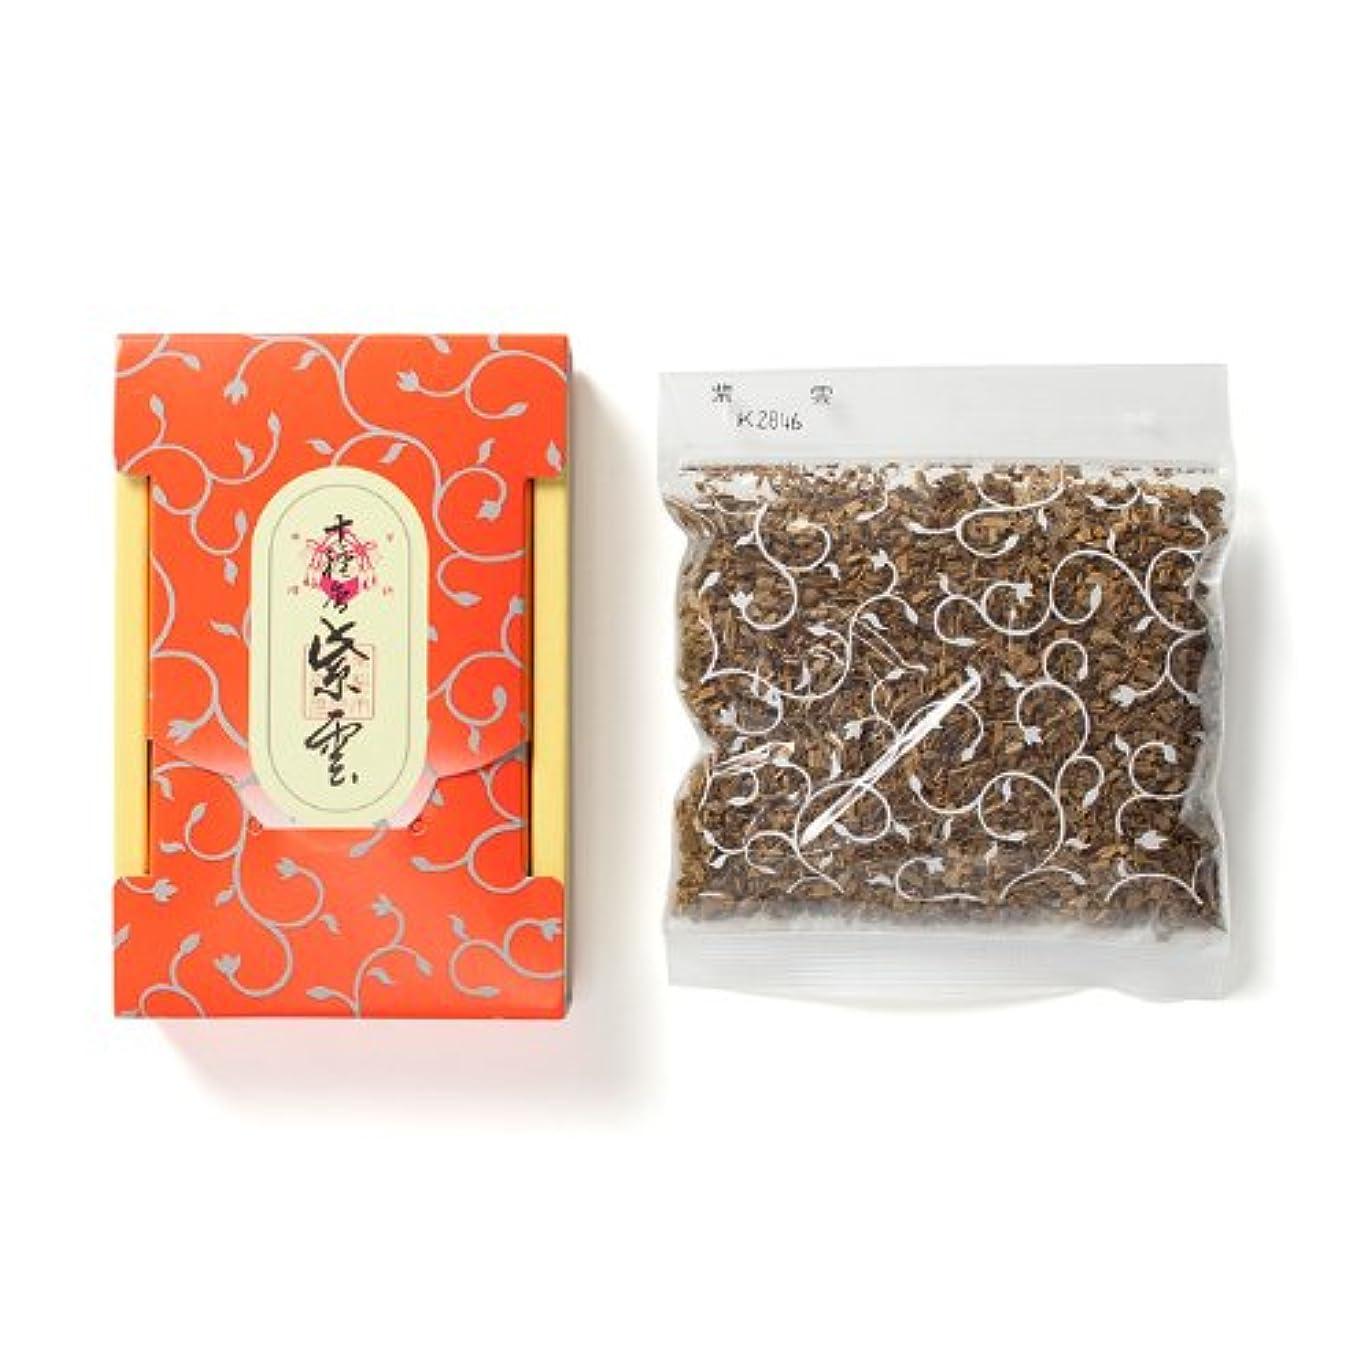 弾力性のあるバッフルピンク松栄堂のお焼香 十種香 紫雲 25g詰 小箱入 #410941